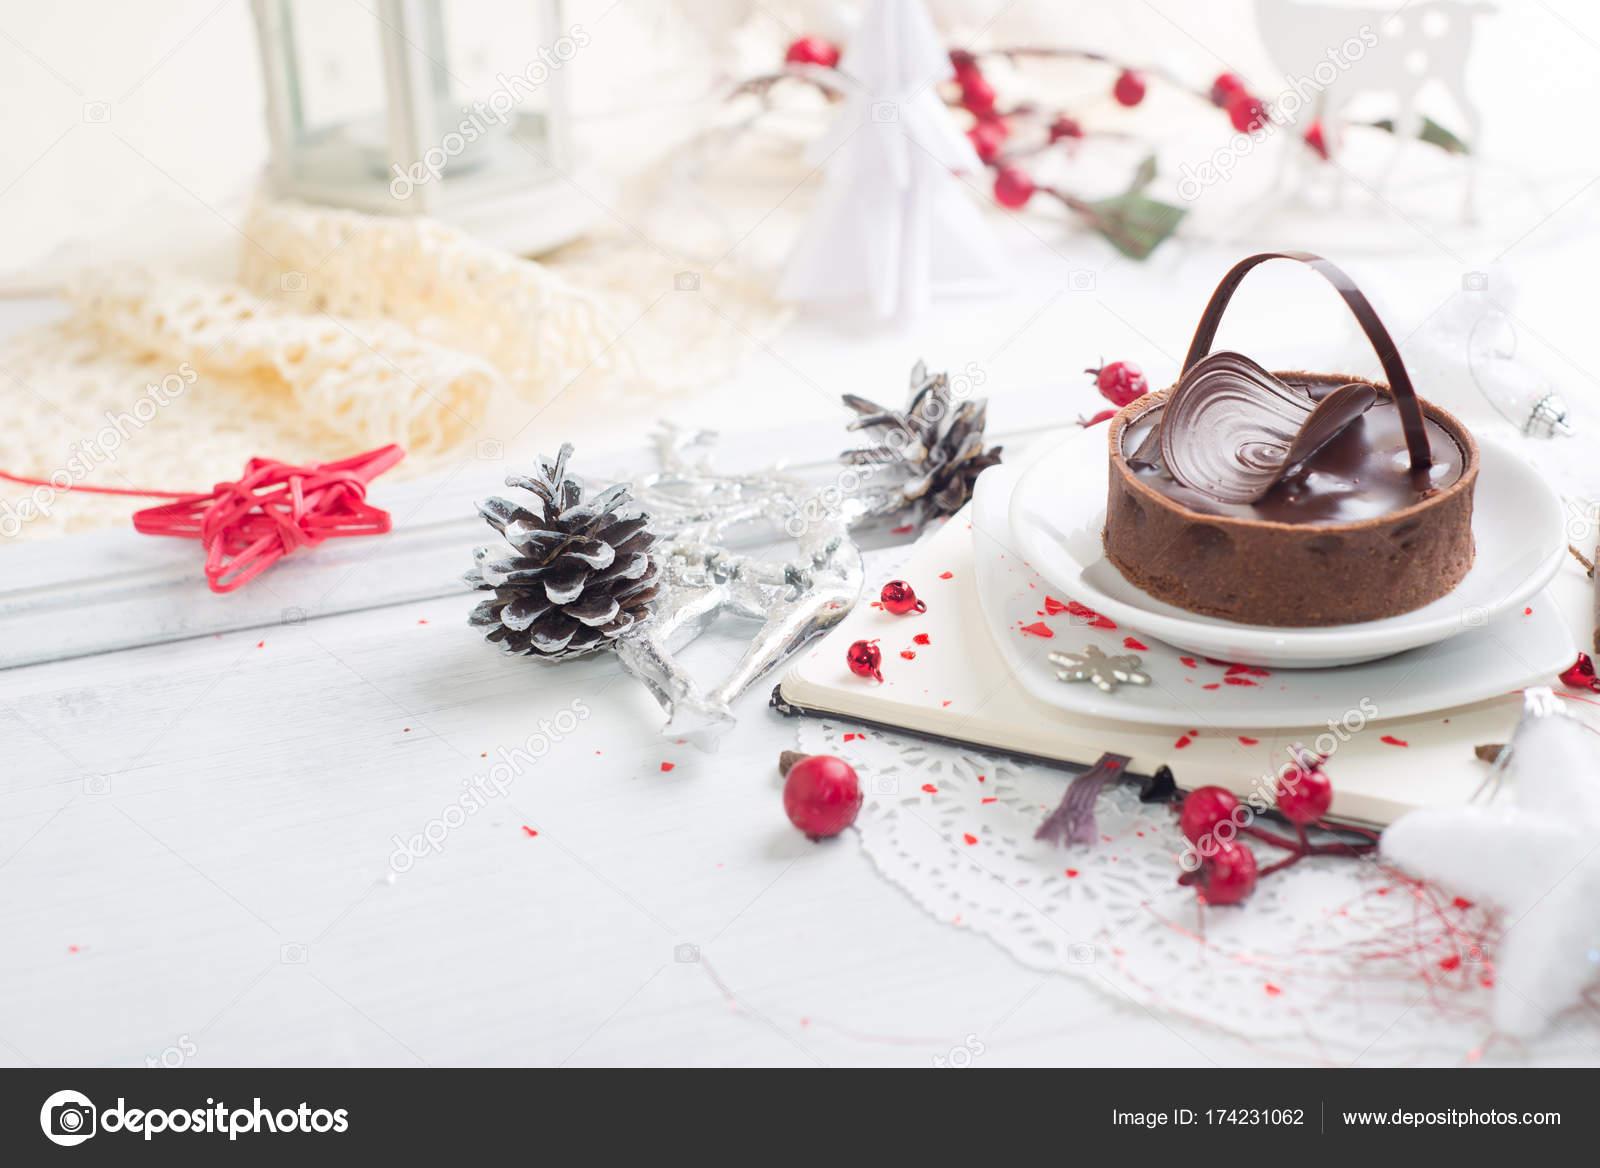 Beautiful Chocolate Tart Stock Photo C Vasilek 174231062